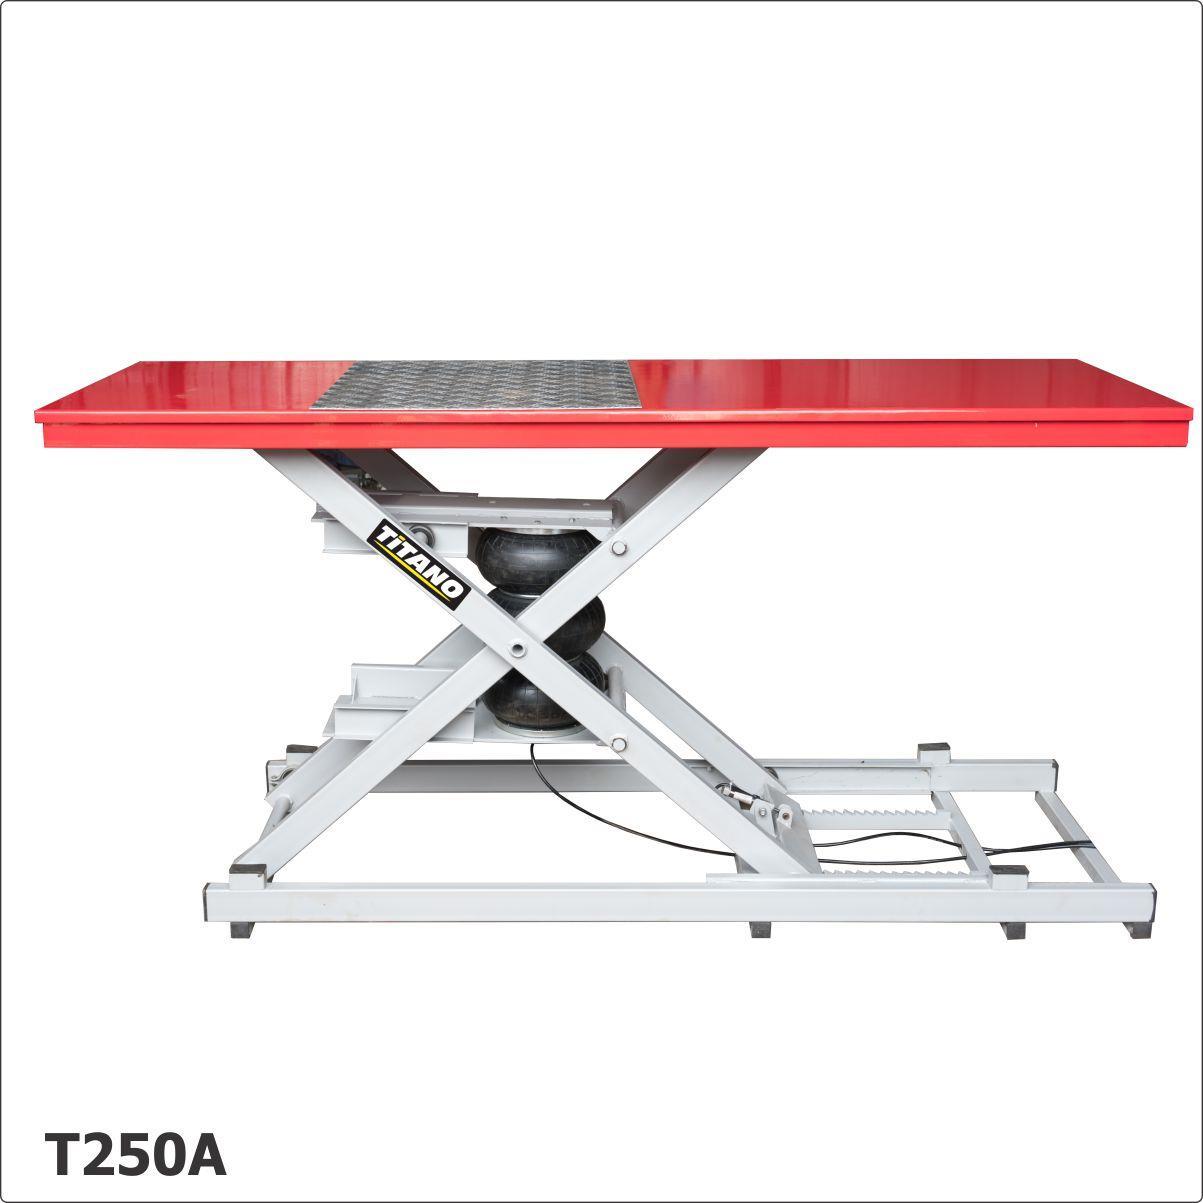 Cầu nâng xe máy, bàn nâng xe máy T250A